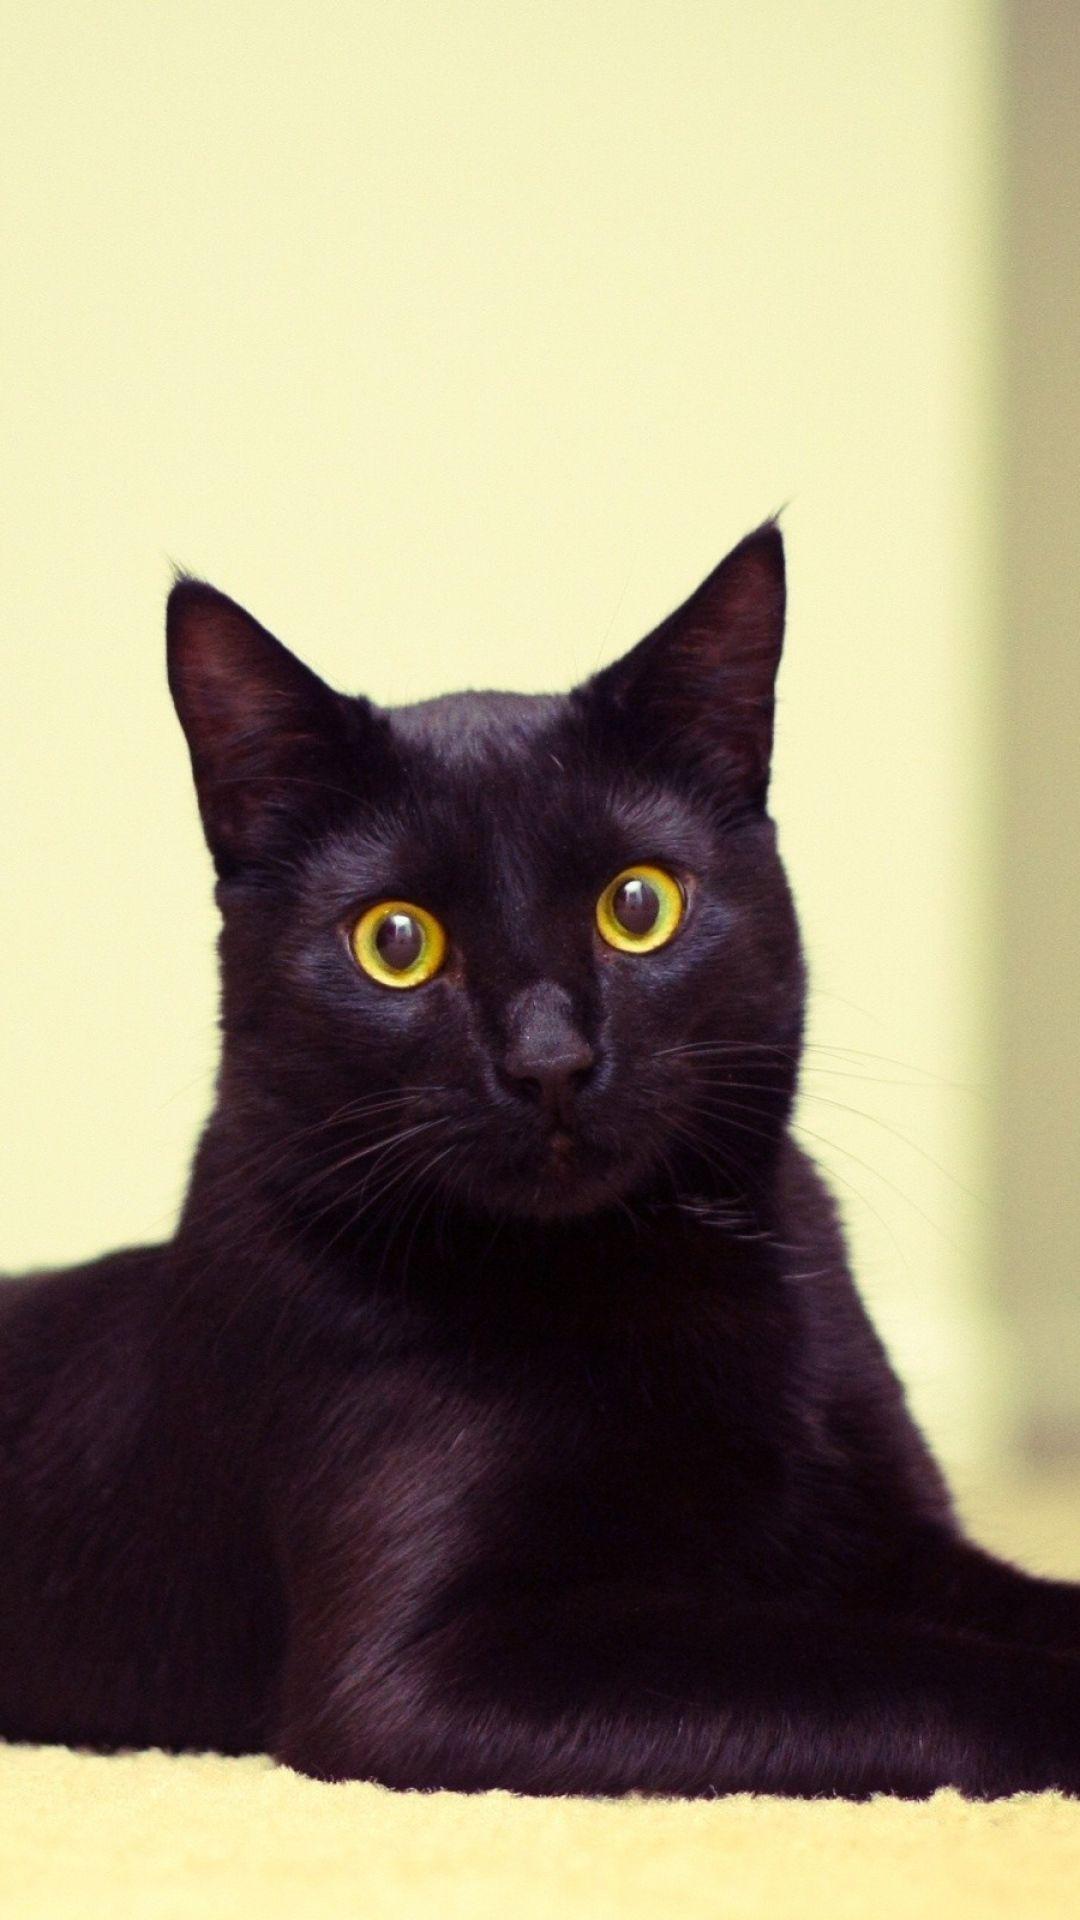 Cat Black Cat Lying Beautiful iPhone 6 wallpaper Cat